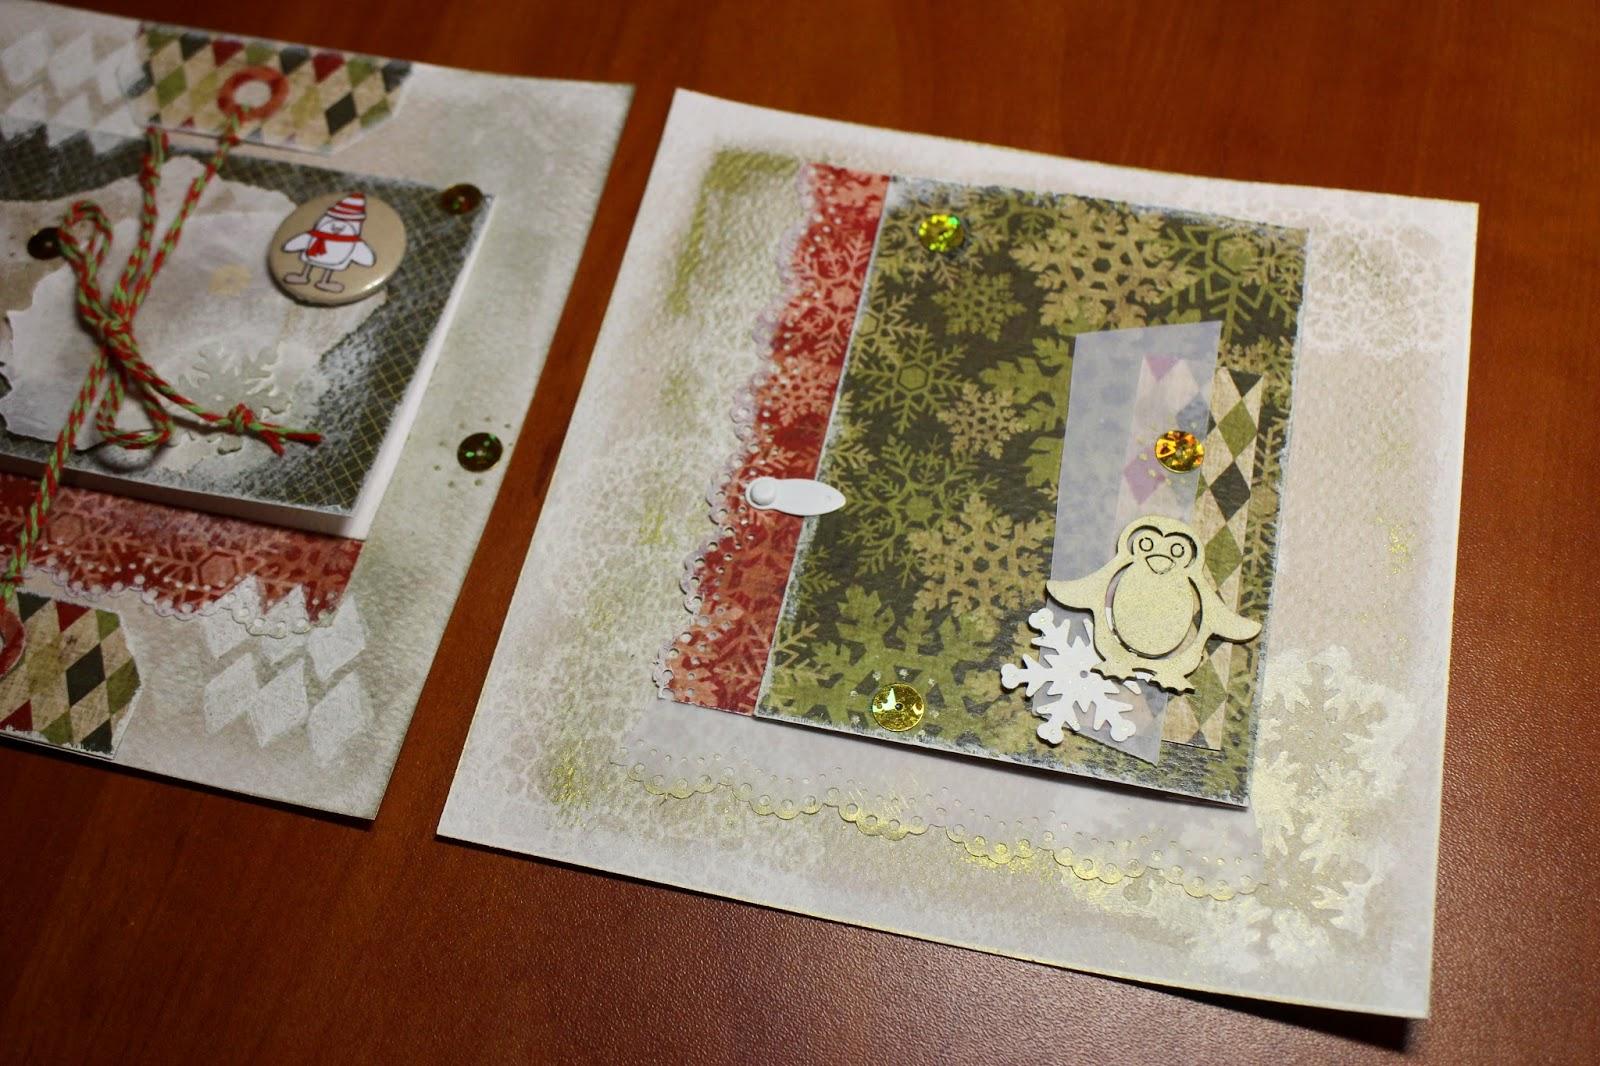 album New Year Christmas winter album scrapbooking скрапбукинг зима альбом новый год зимний снег hamster-sensey